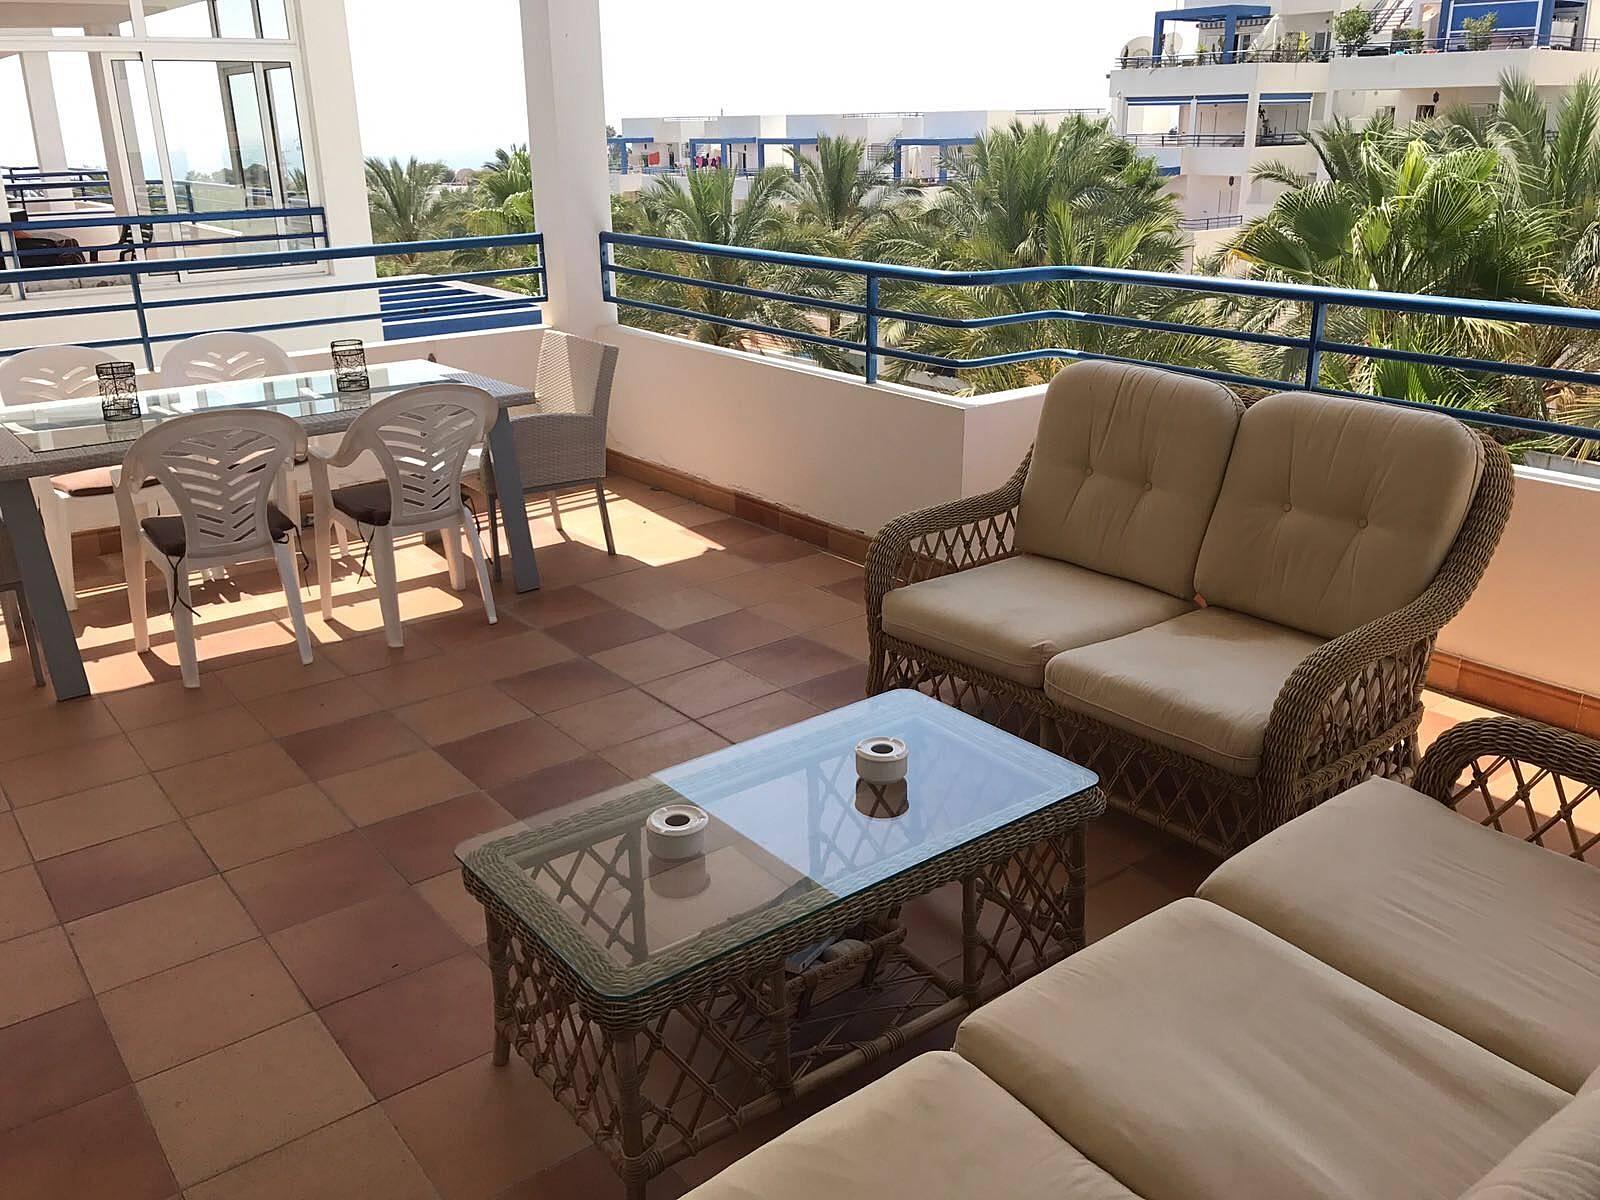 Apartamento en alquiler a 500 m de la playa moj car playa moj car almer a costa de almer a - Apartamentos alquiler mojacar ...